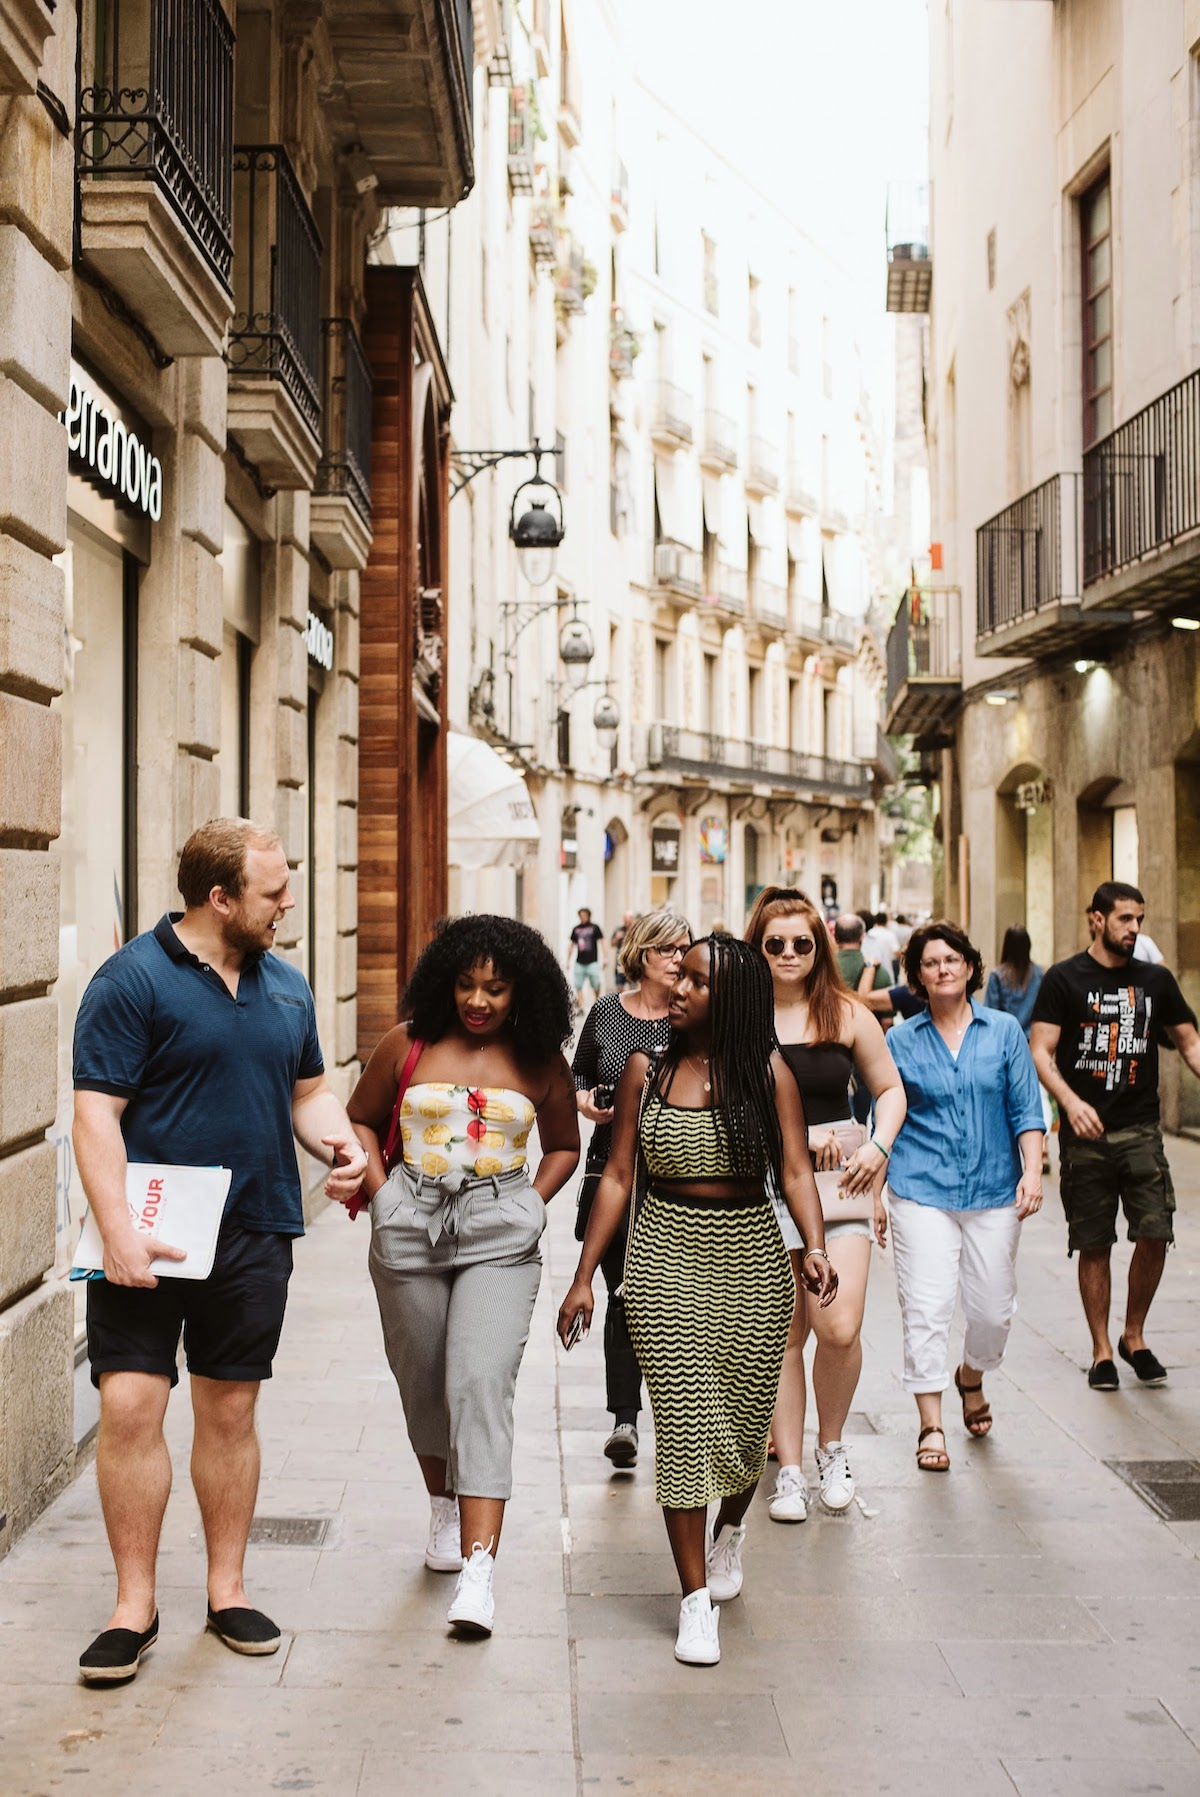 Pequeño grupo de turistas guiados por un guía caminando por una ciudad concurrida.